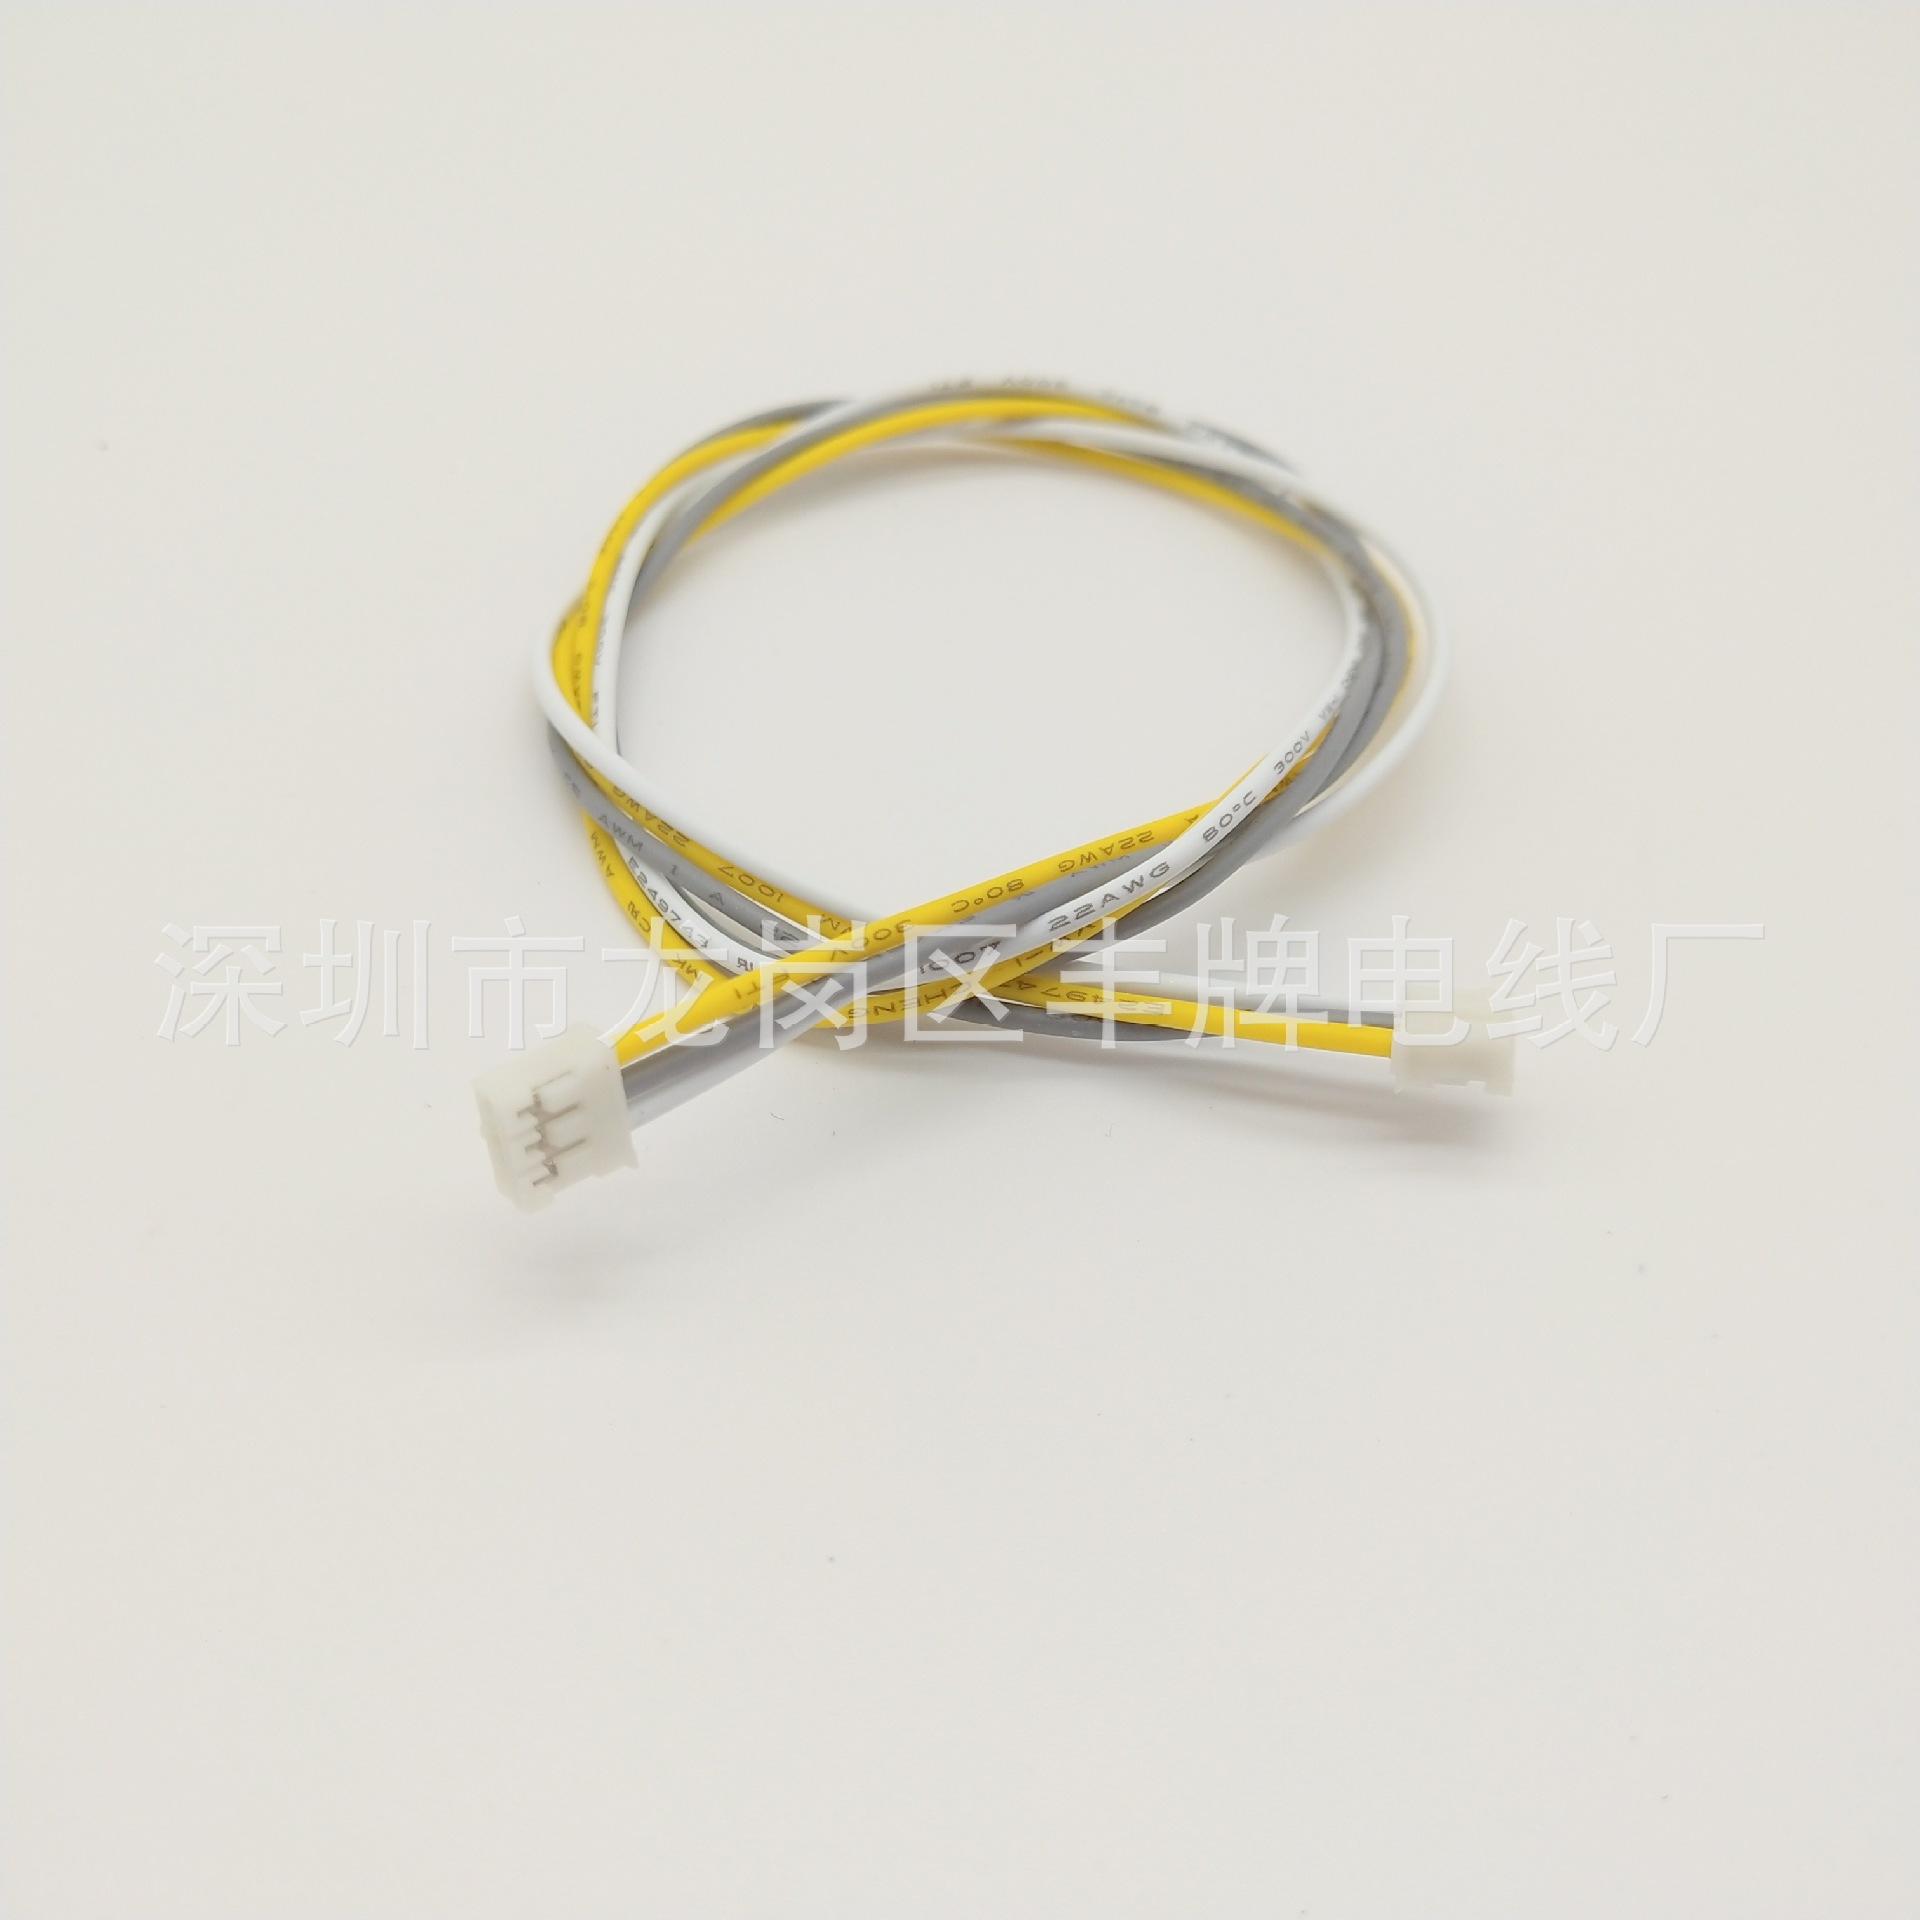 厂家直销 接线端子 PH连接灰白色3位双头端子10Cm 12cM 15Cm